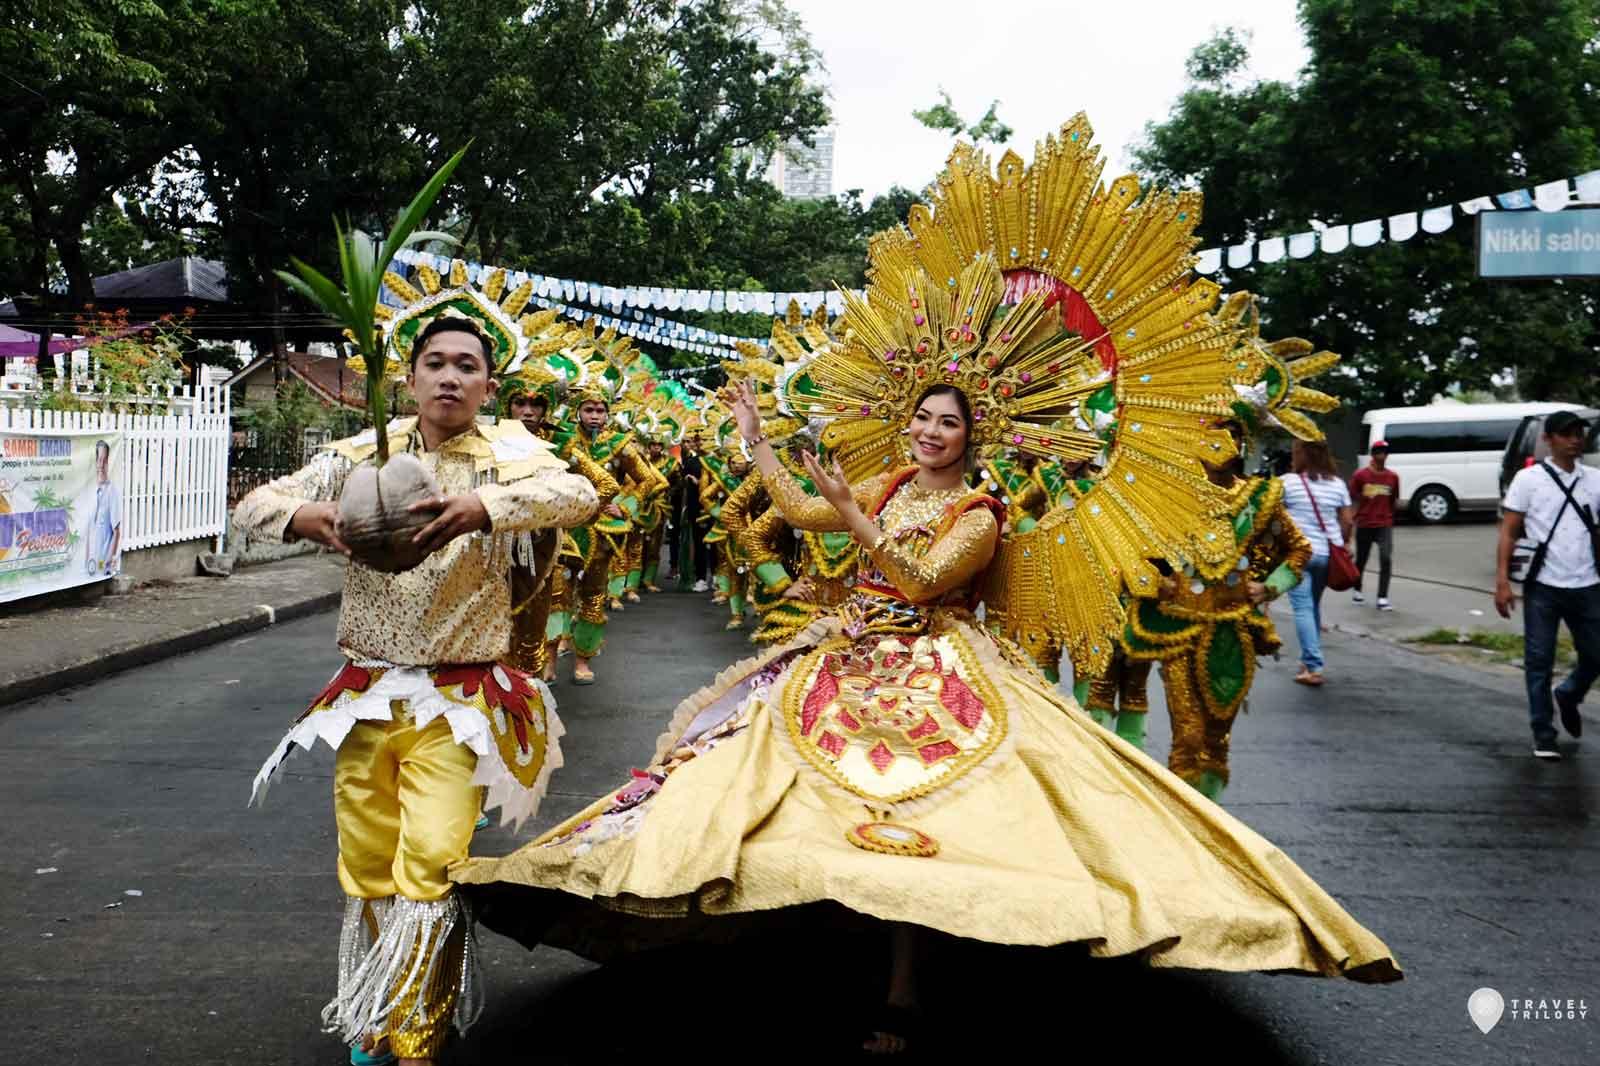 kuyamis festival